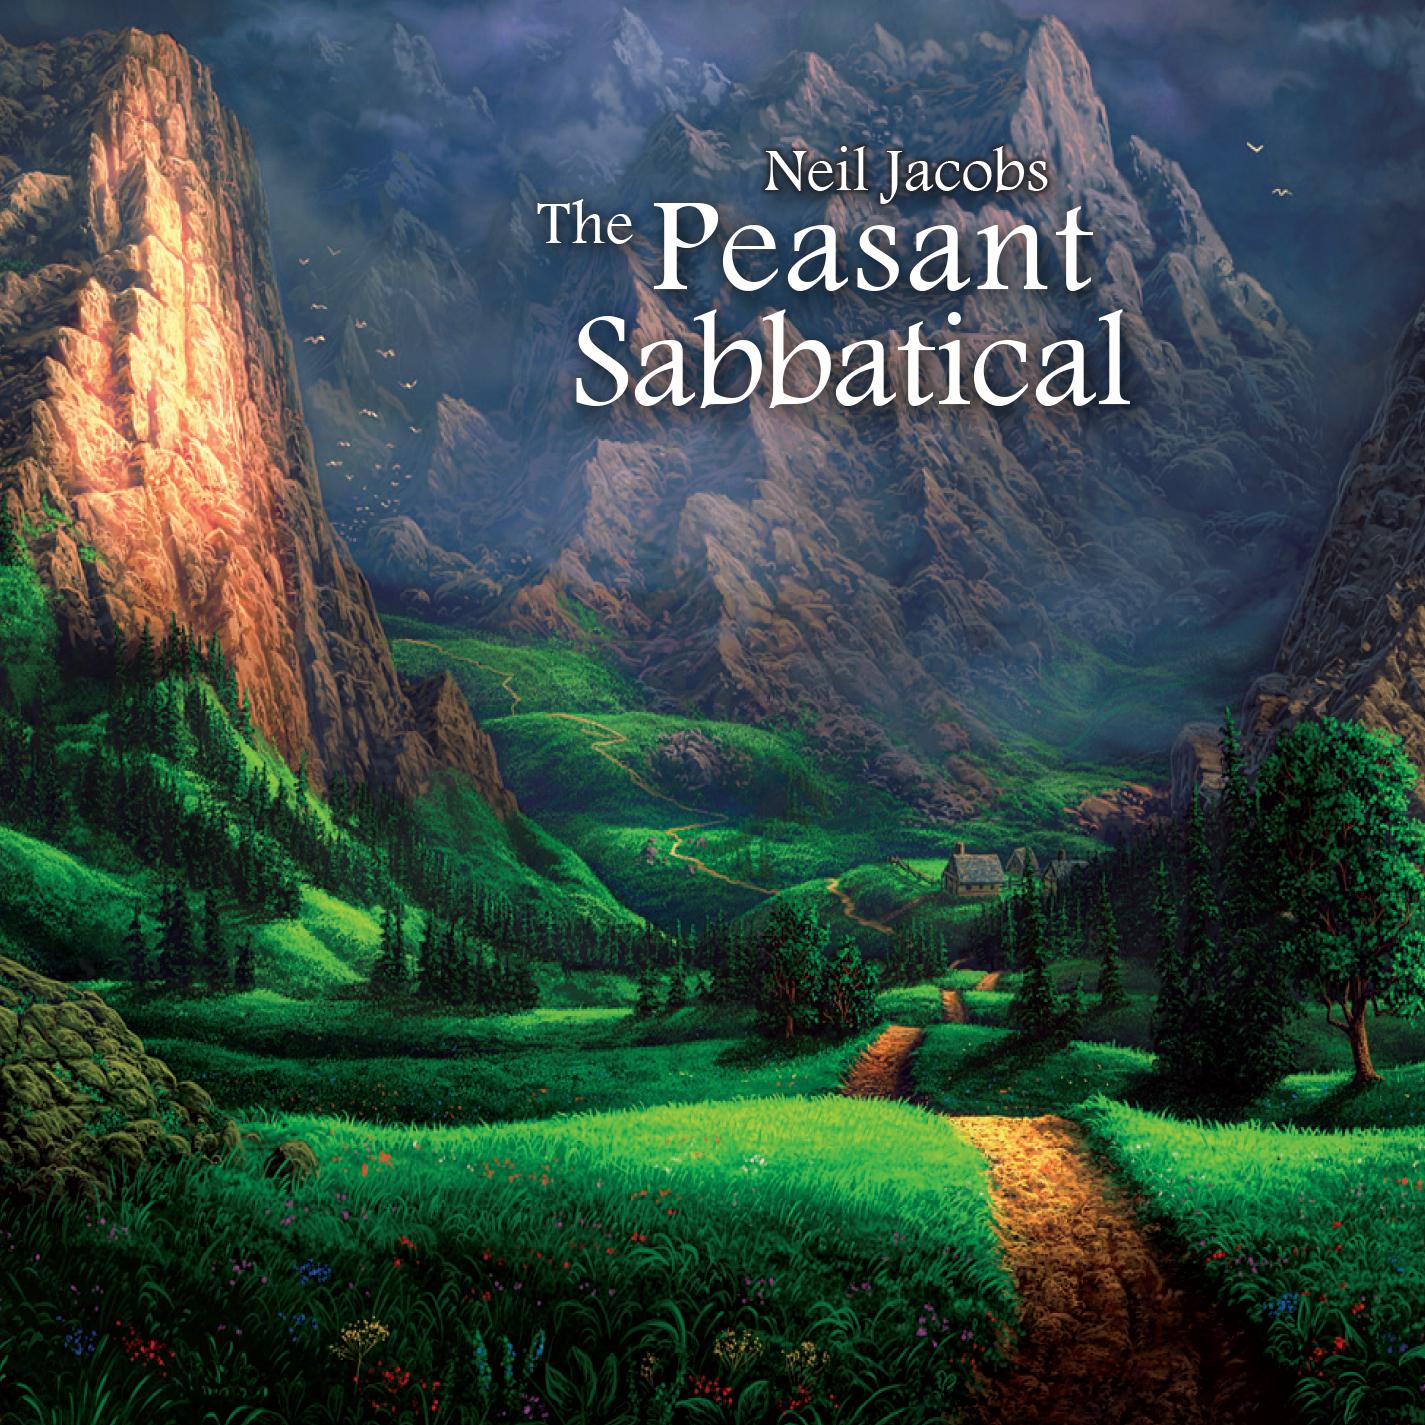 The Peasant Sabbatical